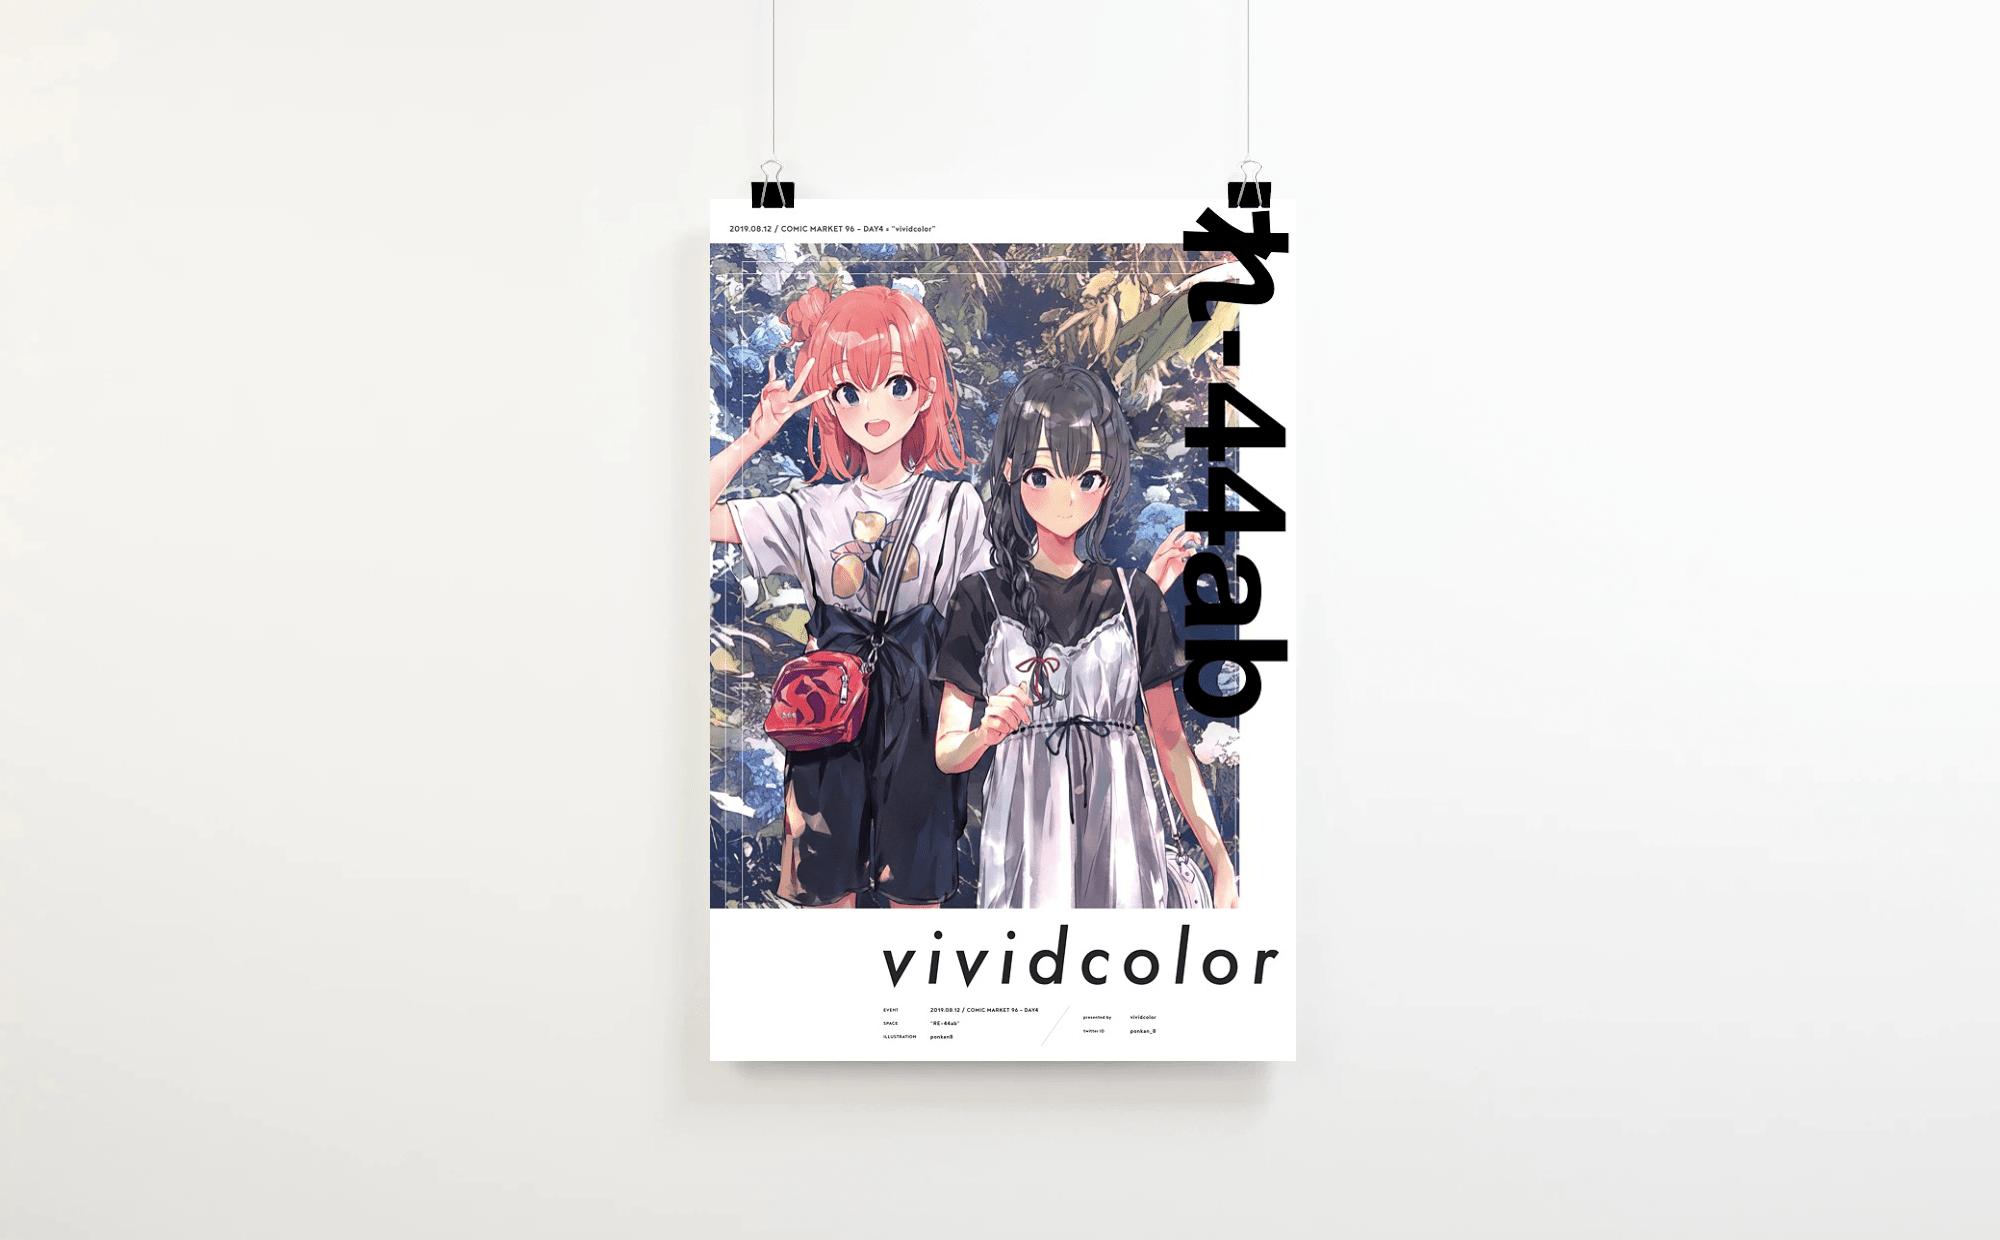 vividcolor / C96 Poster